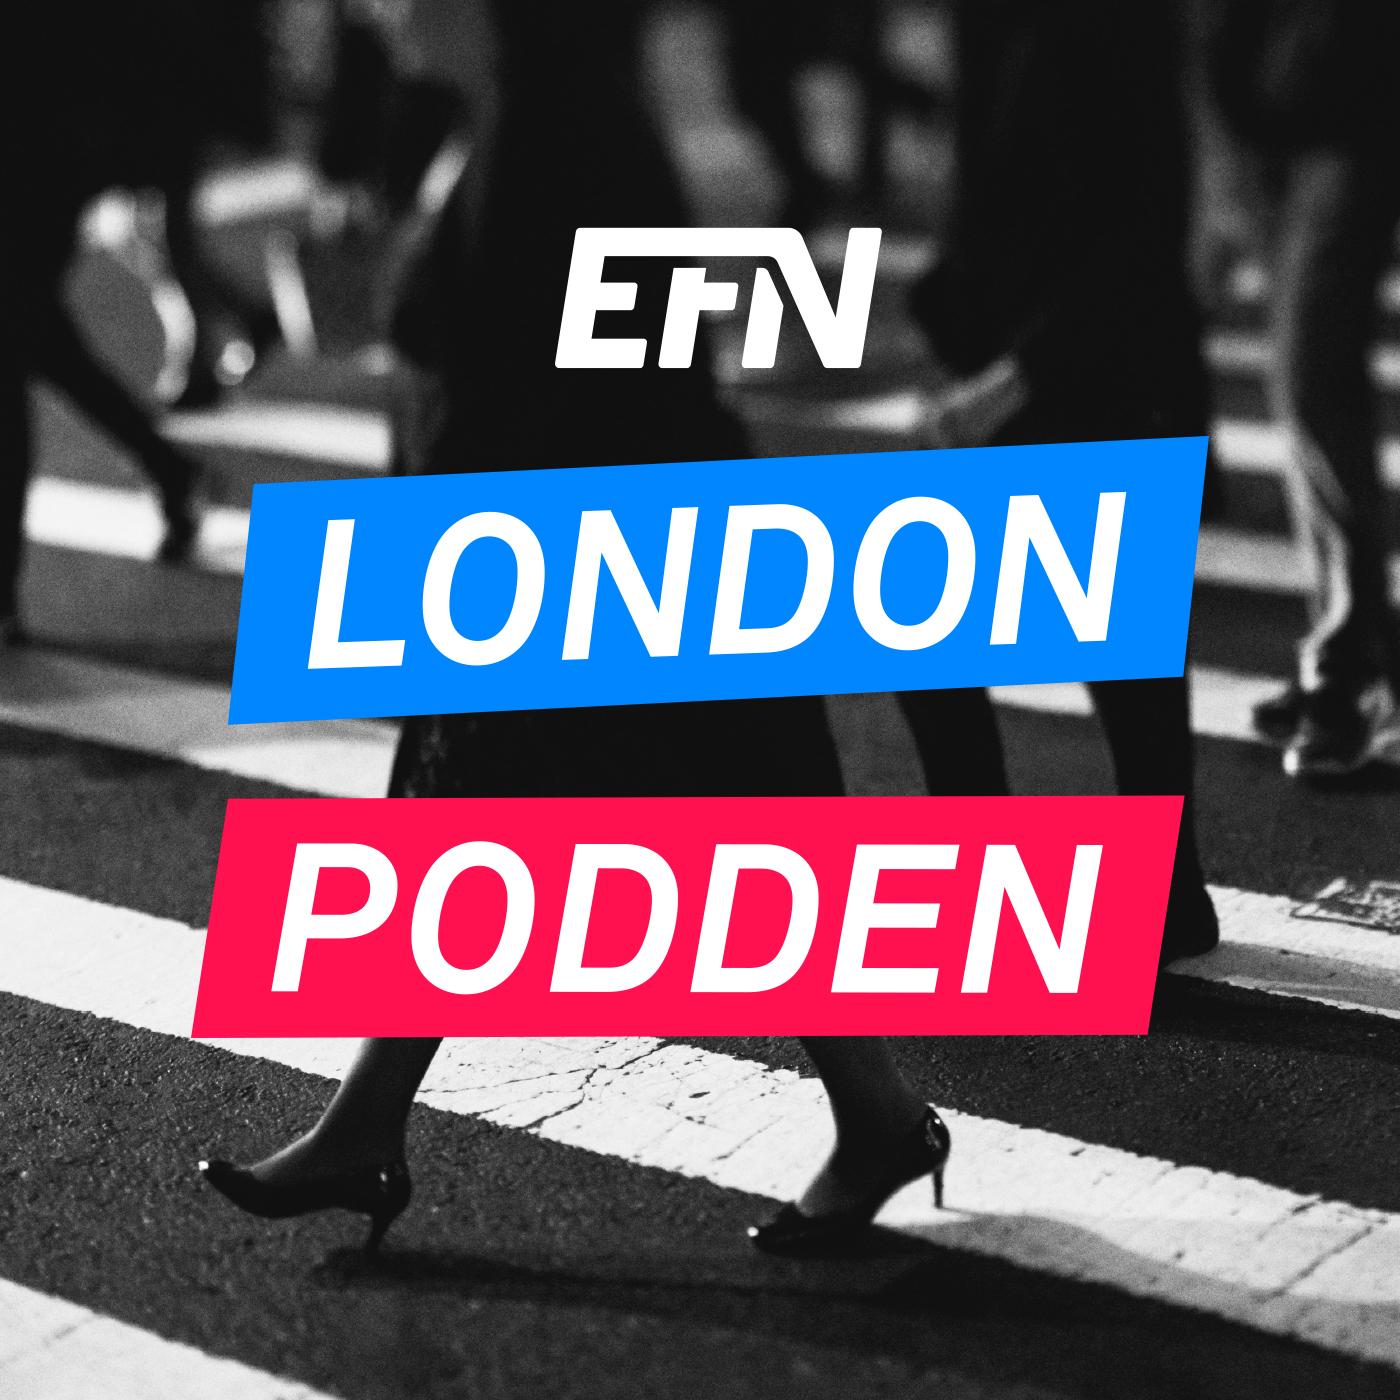 EFN Londonpodden